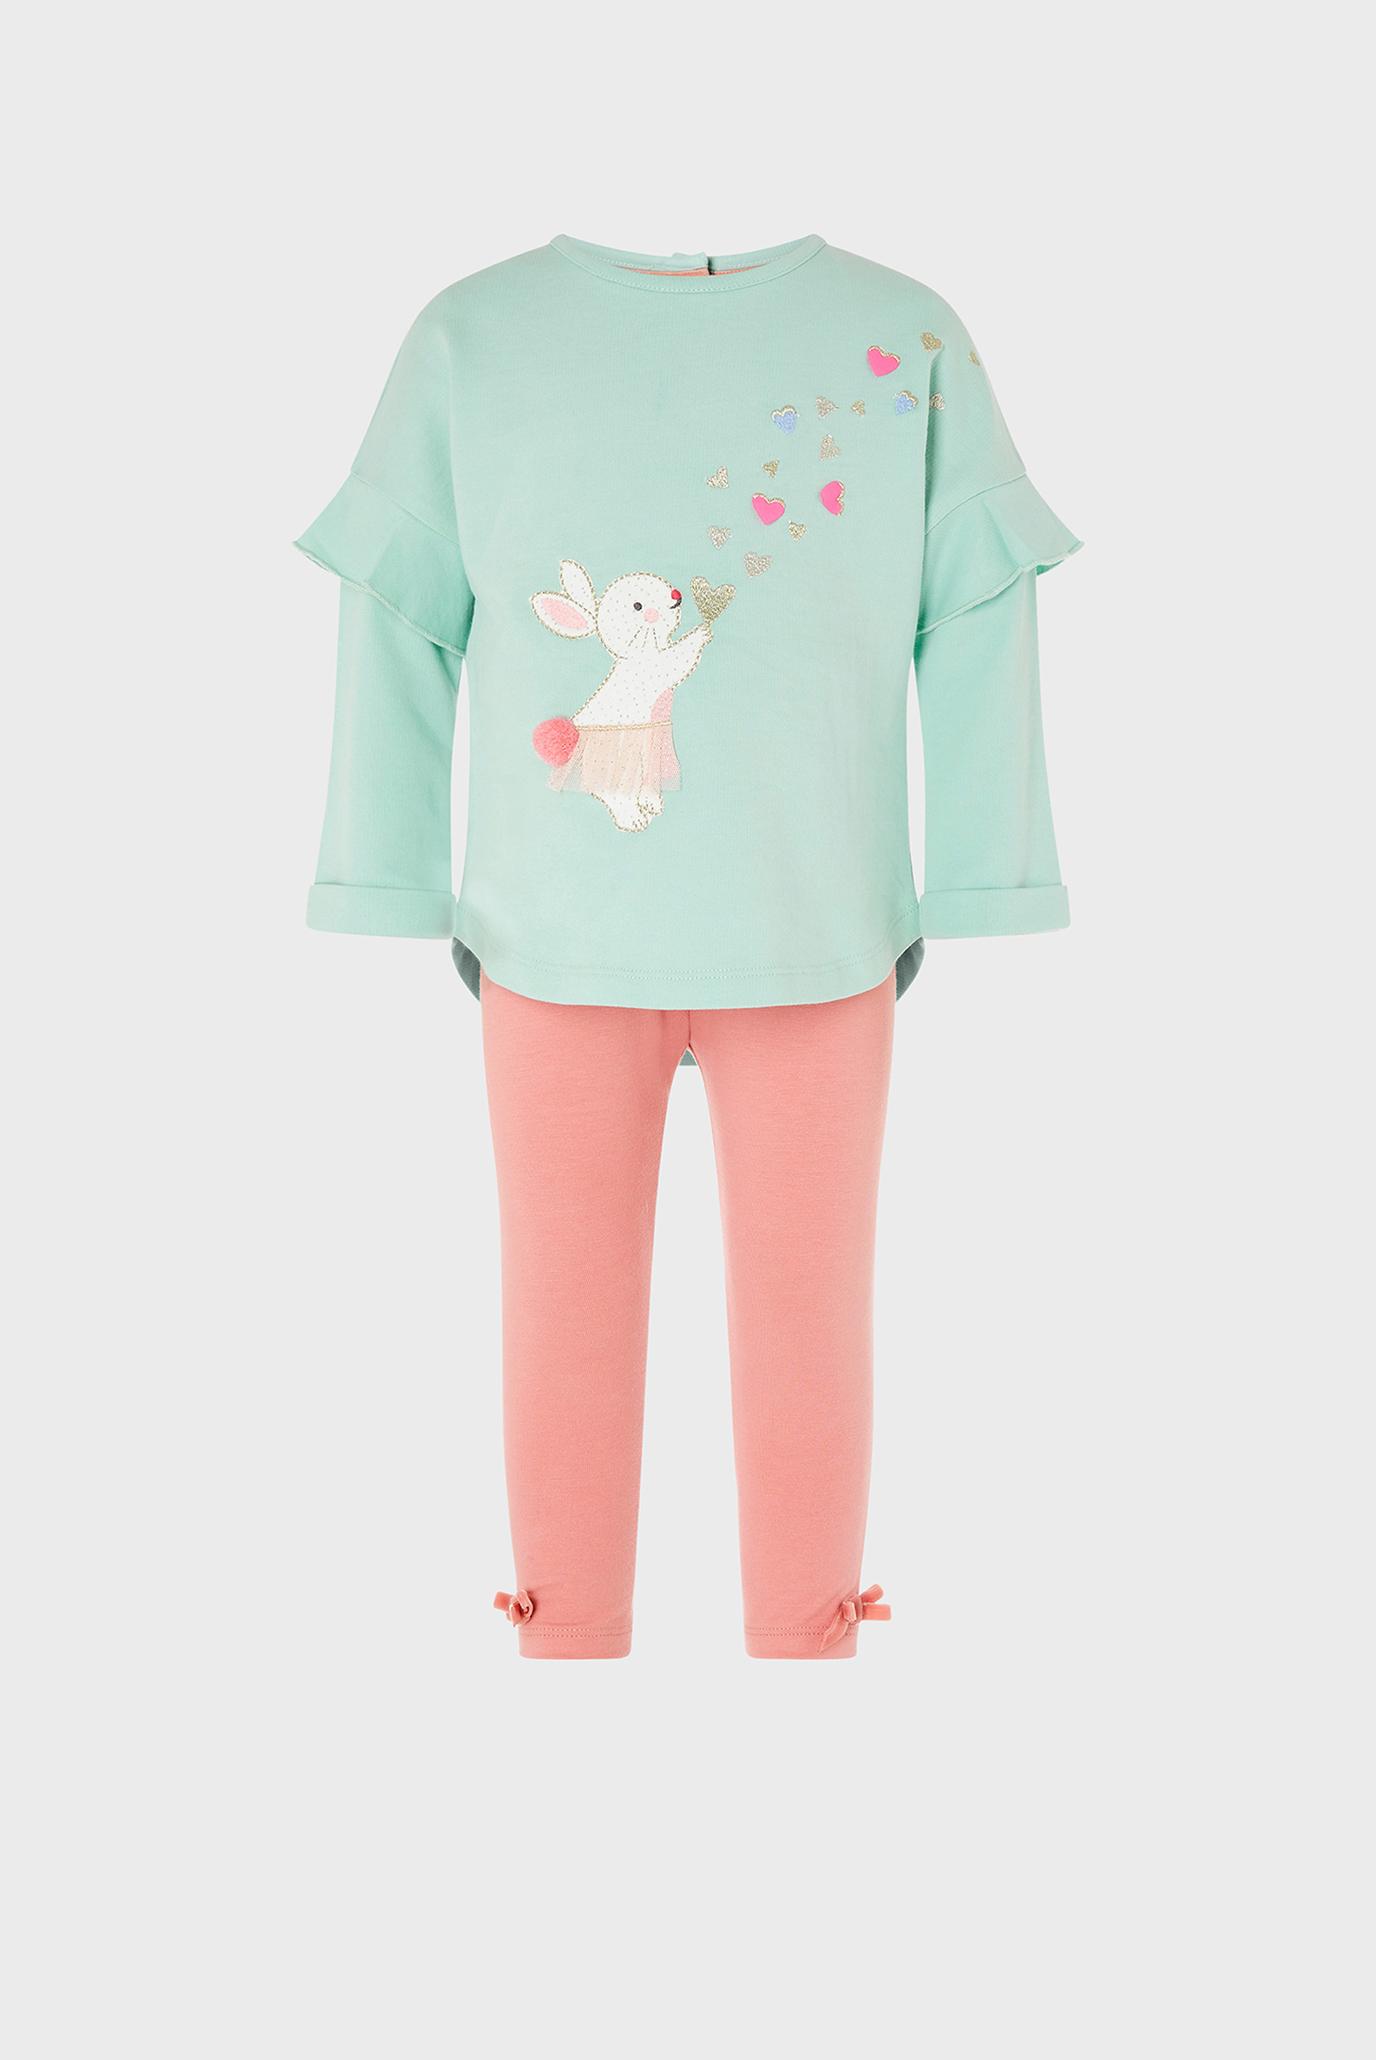 Дитячий комплект одягу (лонгслів, легінси) BABY BUNNY HEART SET 1